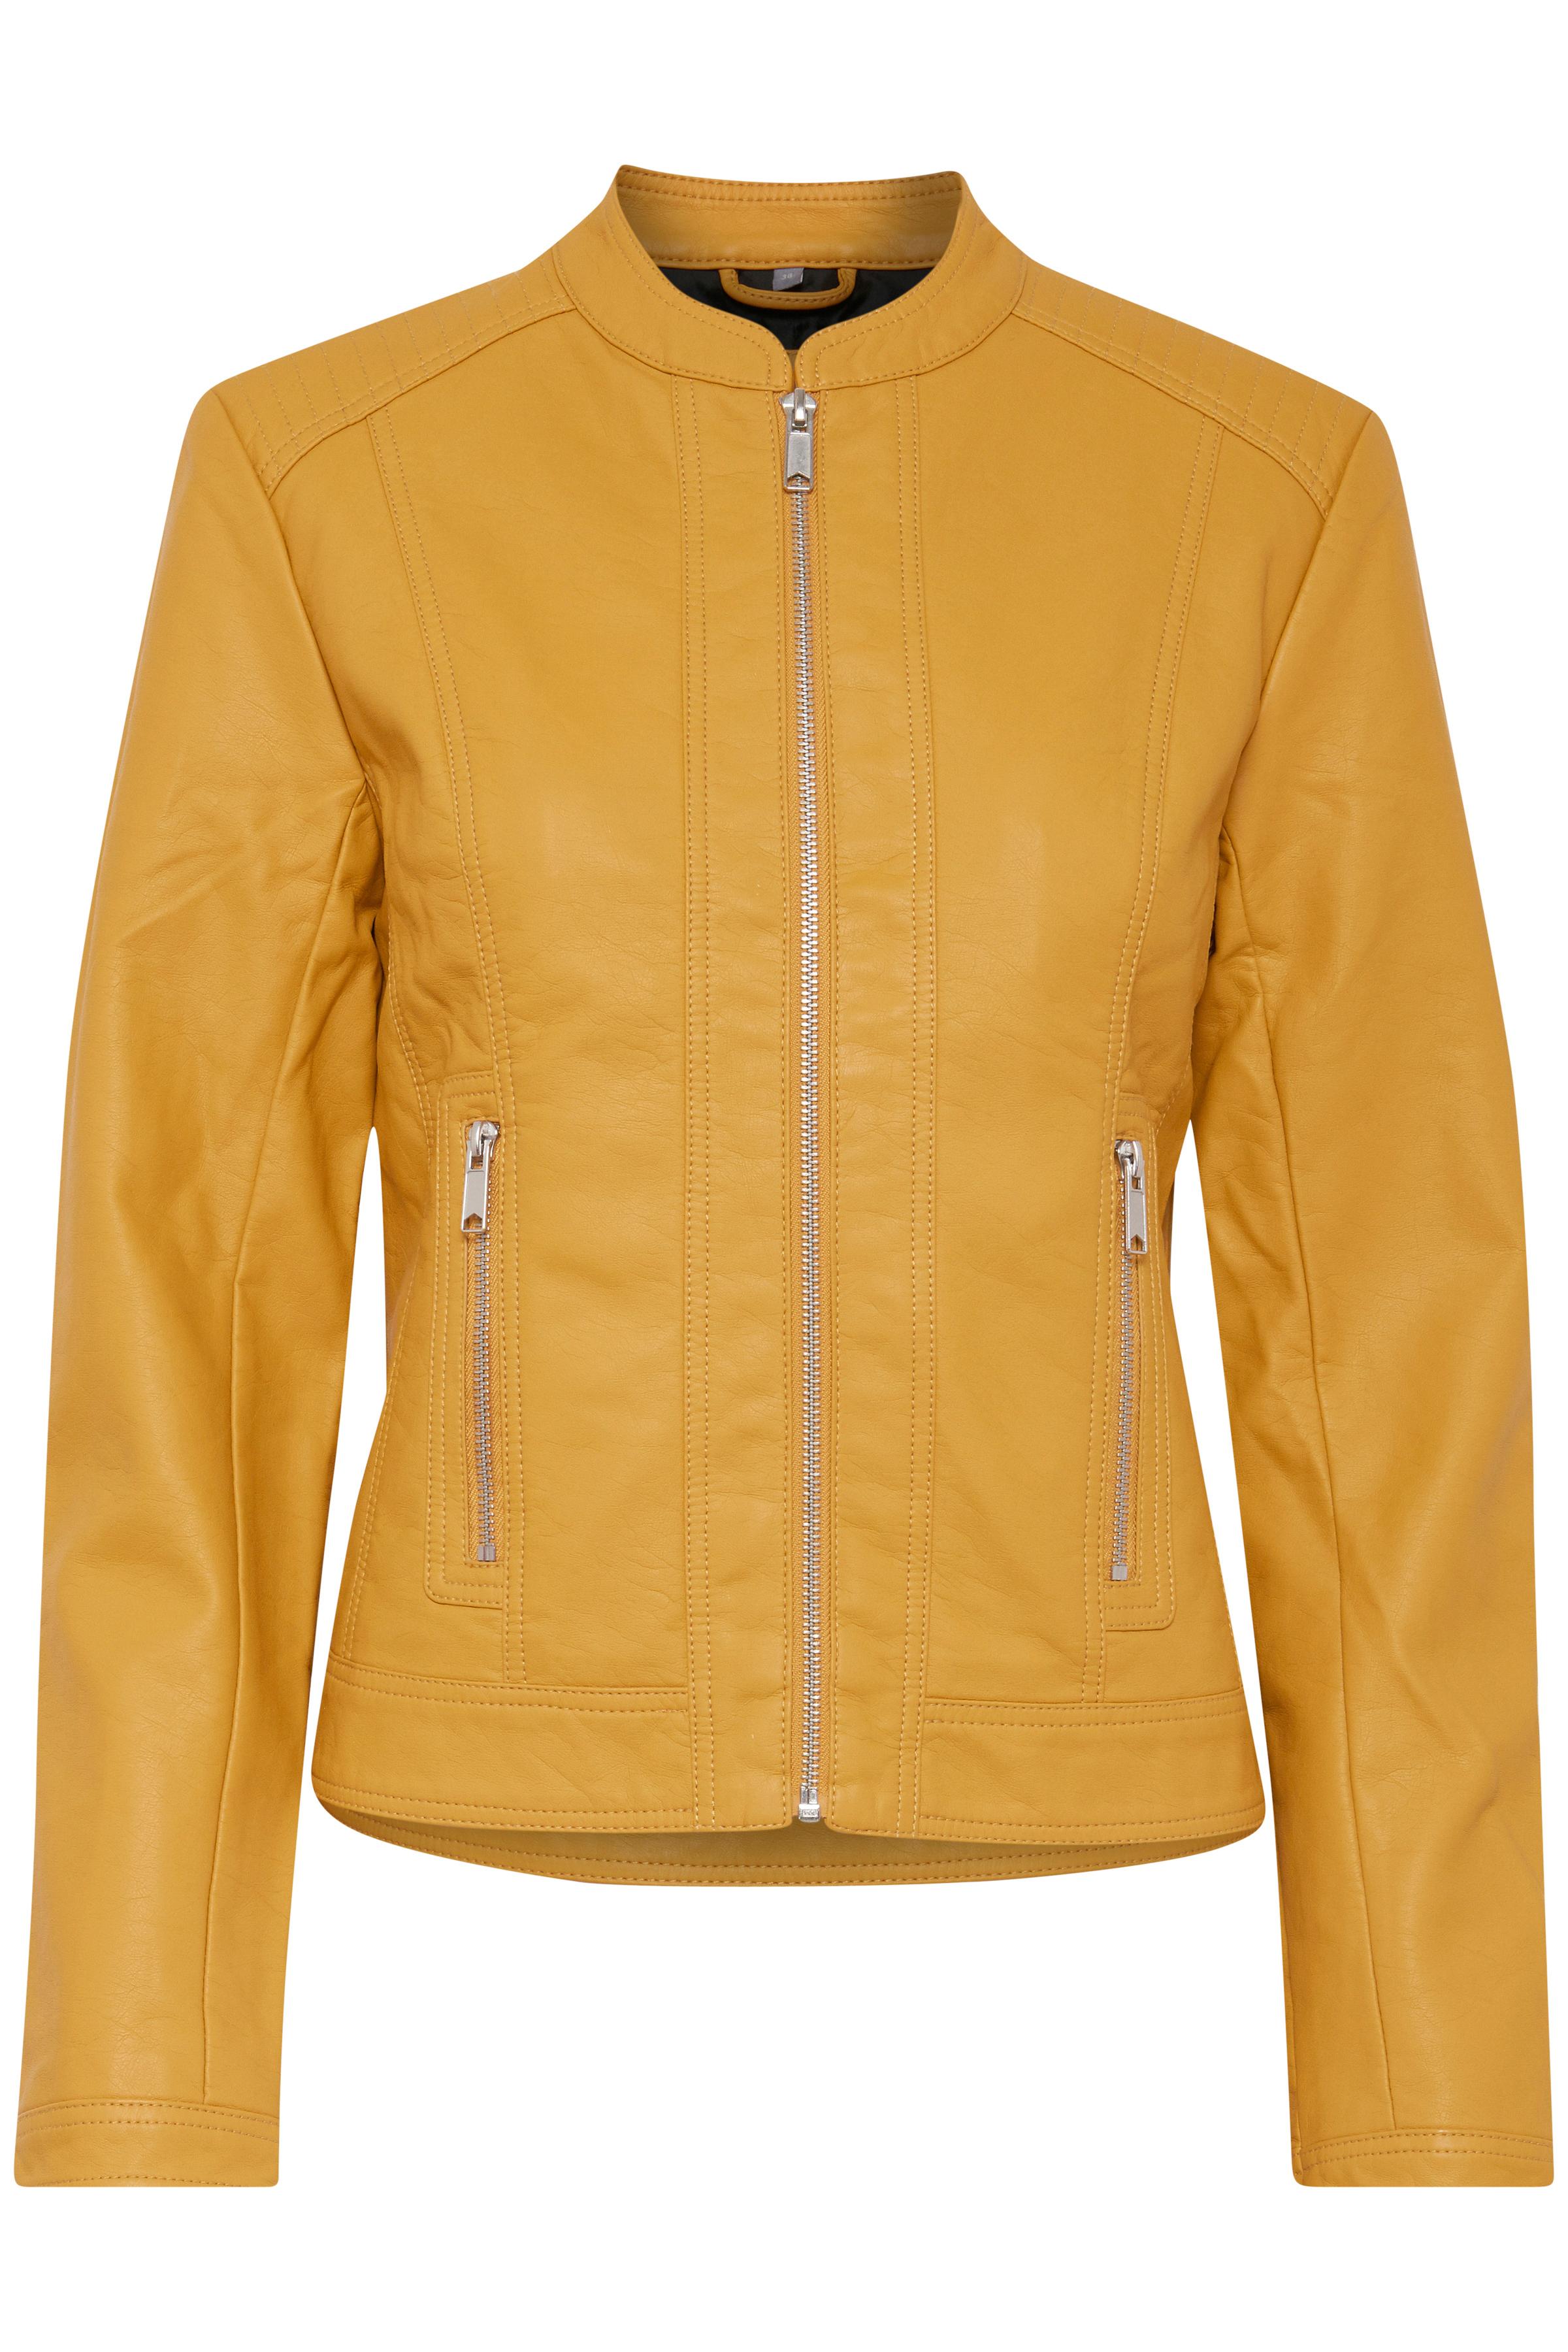 Ochre Yellow Jacke von b.young – Kaufen Sie Ochre Yellow Jacke aus Größe 34-46 hier